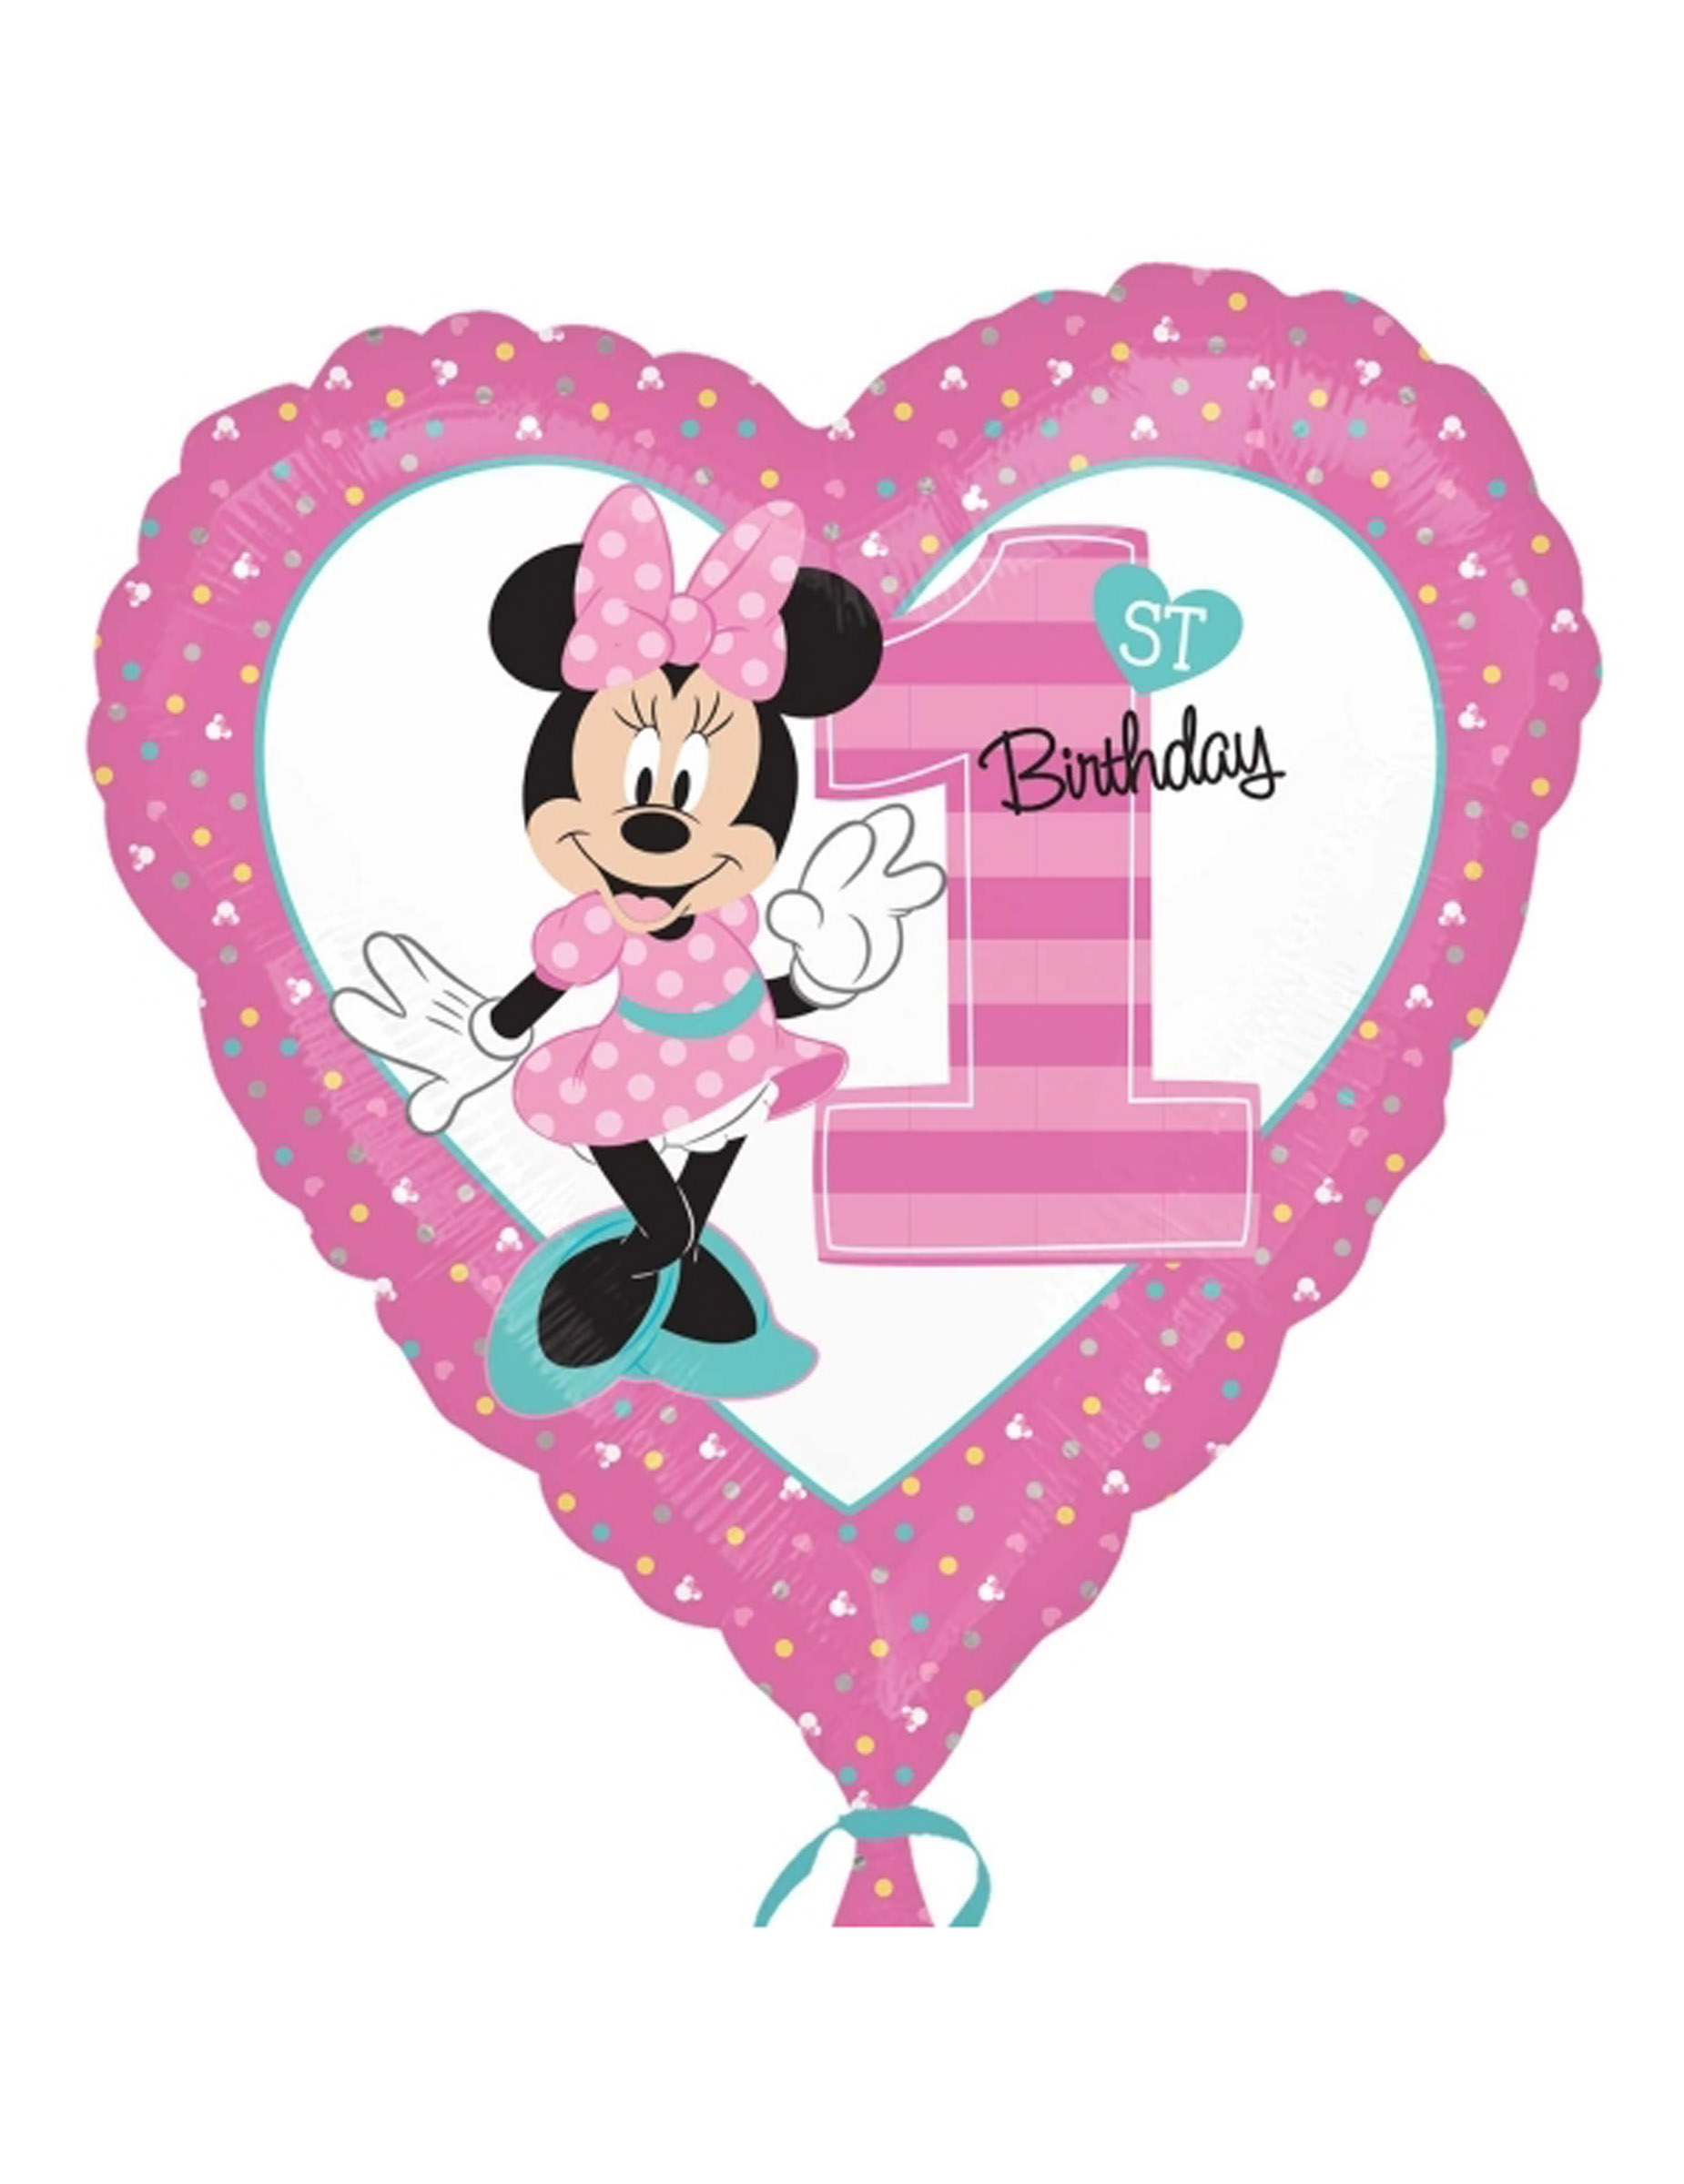 Palloncino d'alluminio 1° Compleanno Minnie™: Addobbi,e vestiti di